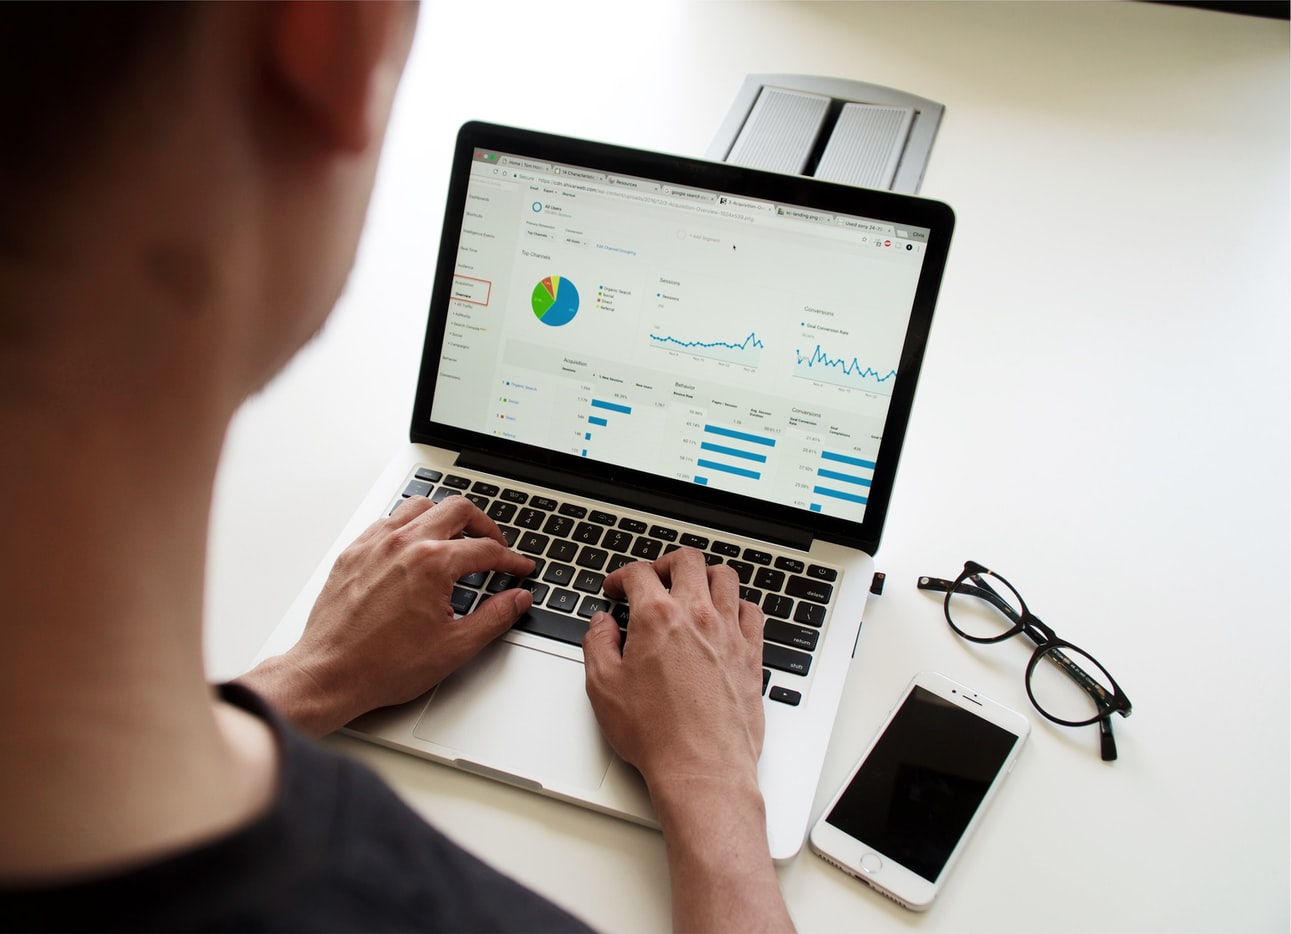 Imagem de uma pessoa sentada à mesa, mexendo em um notebook, com o celular o óculos ao lado direito. Na tela do computador aparece o data driven marketing